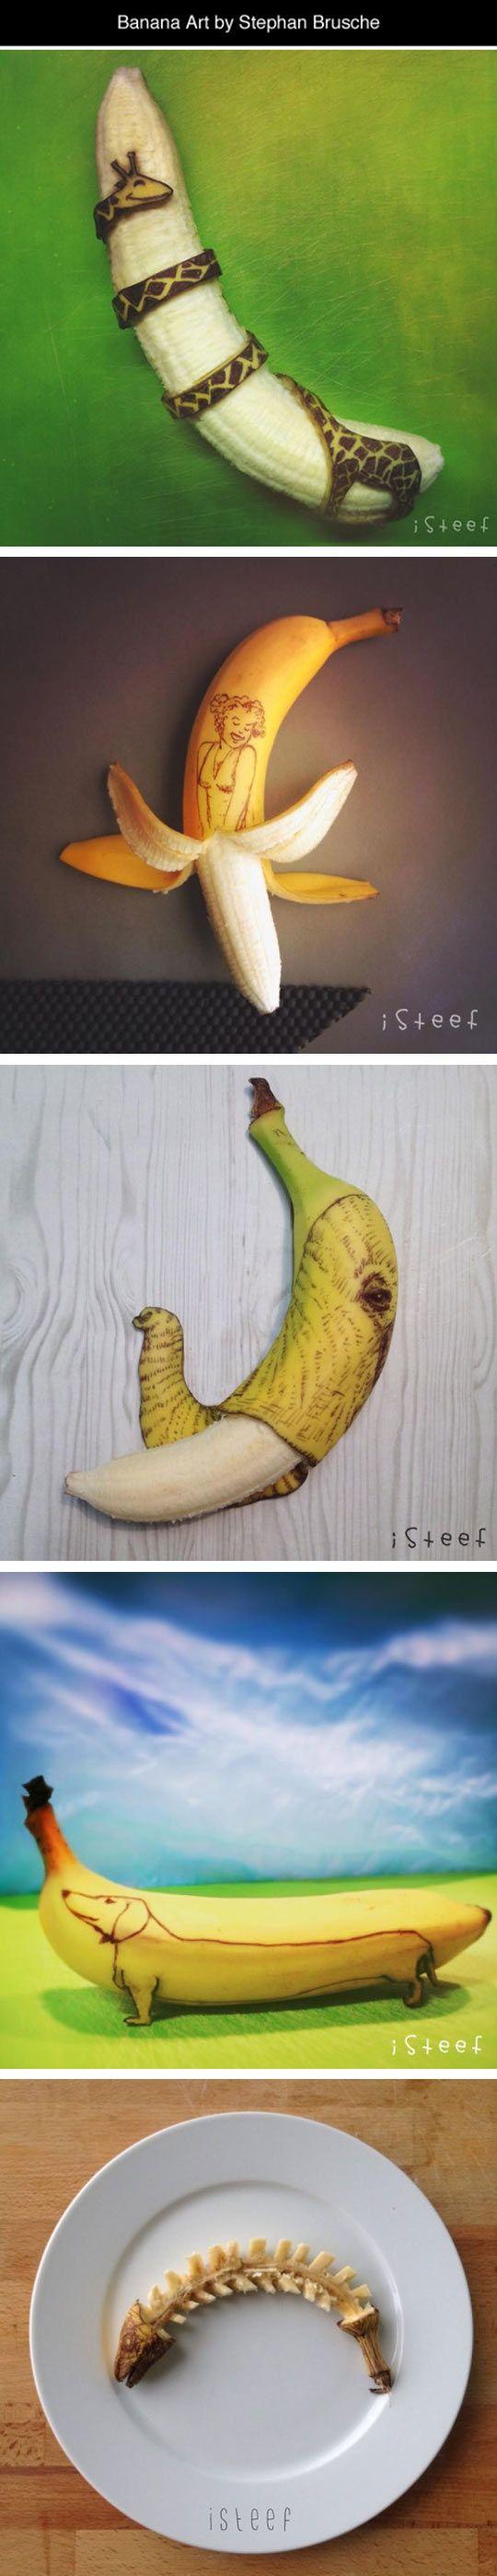 Banana art by Stephan Brusche.